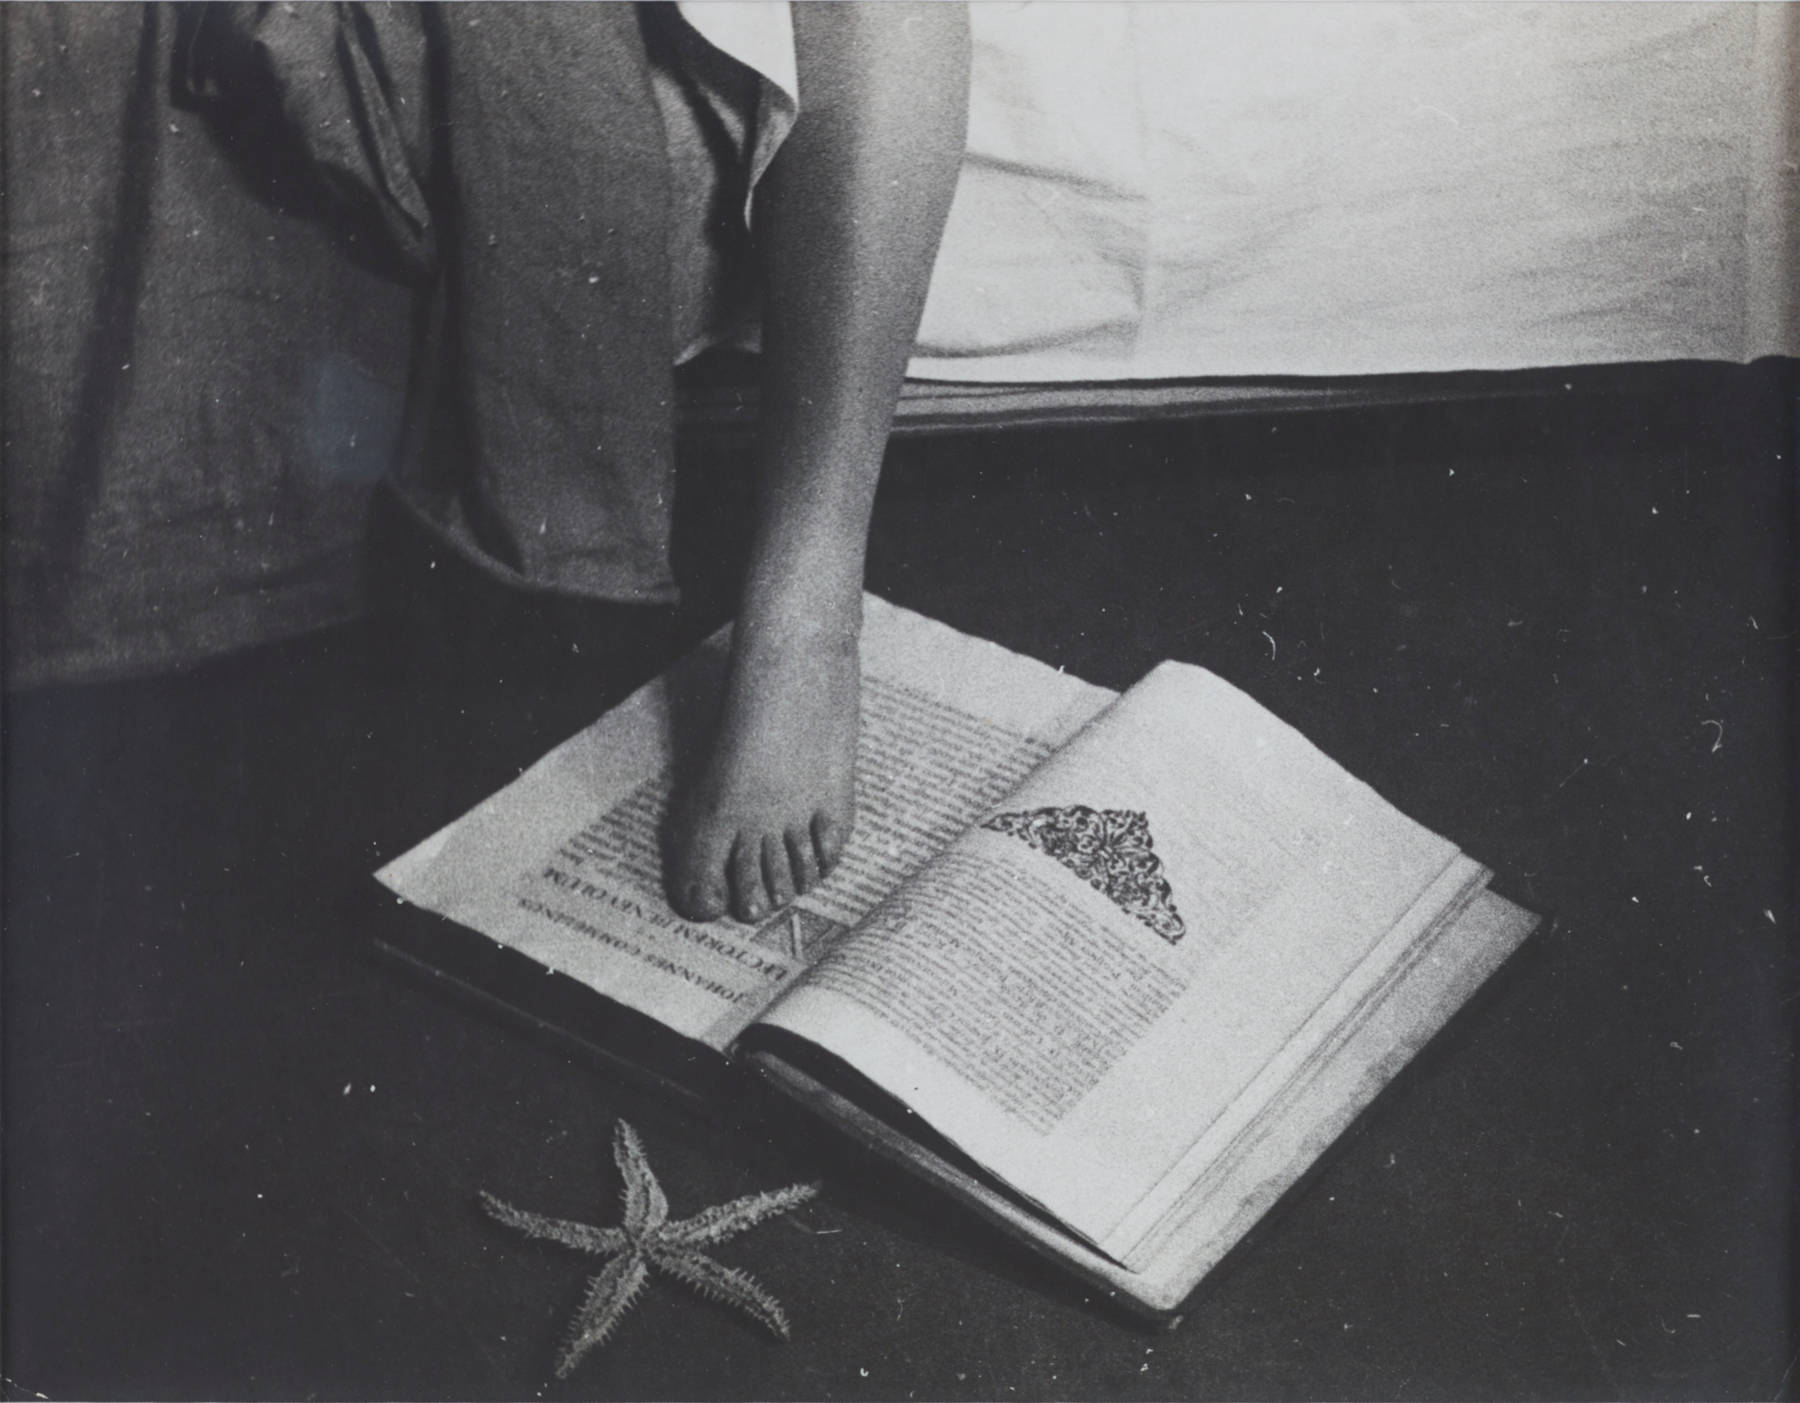 Film still from L'étoile de mer